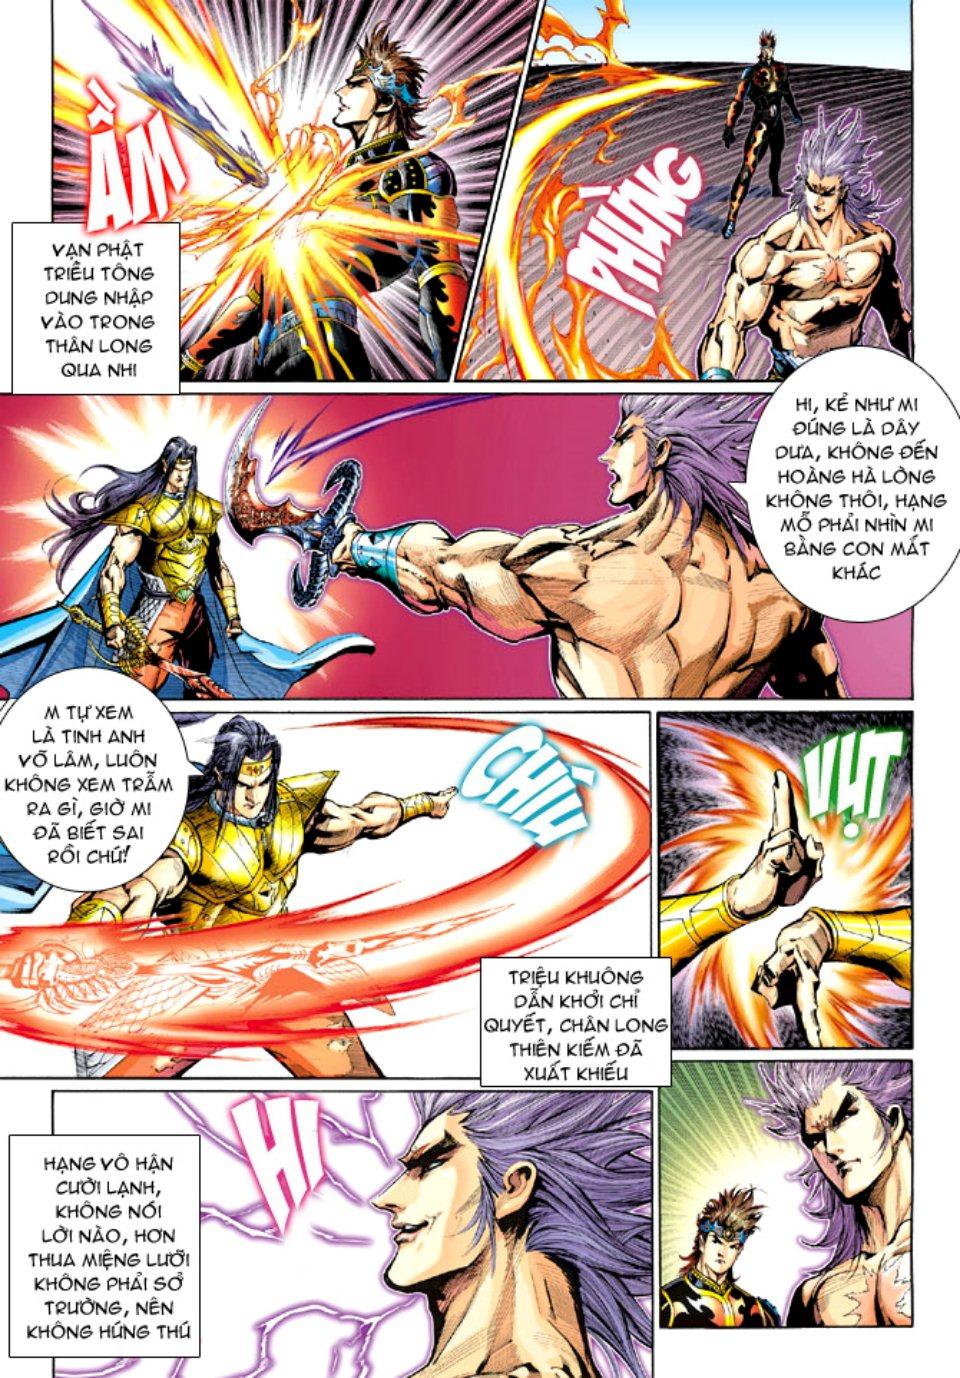 Thiên Tử Truyền Kỳ 5 - Như Lai Thần Chưởng chap 212 - Trang 25